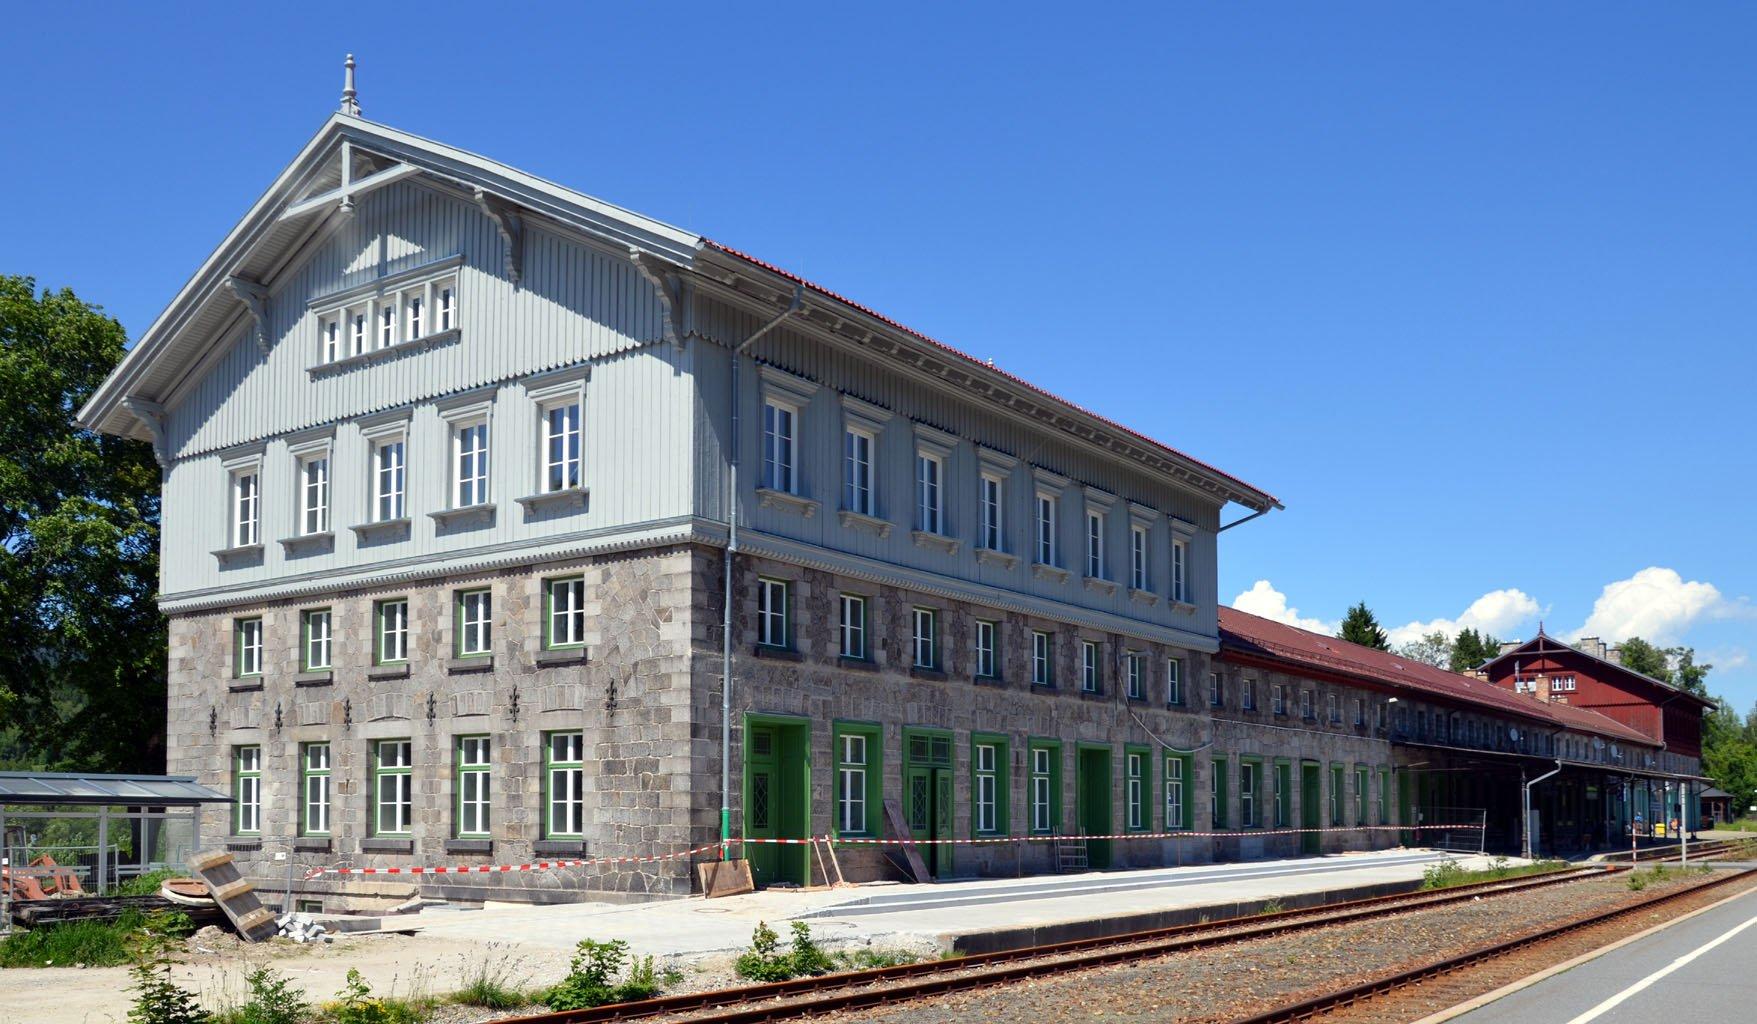 Bahnhof Bayerisch Eisenstein im Juni 2012 • K. Jähne • CC BY-SA 3.0